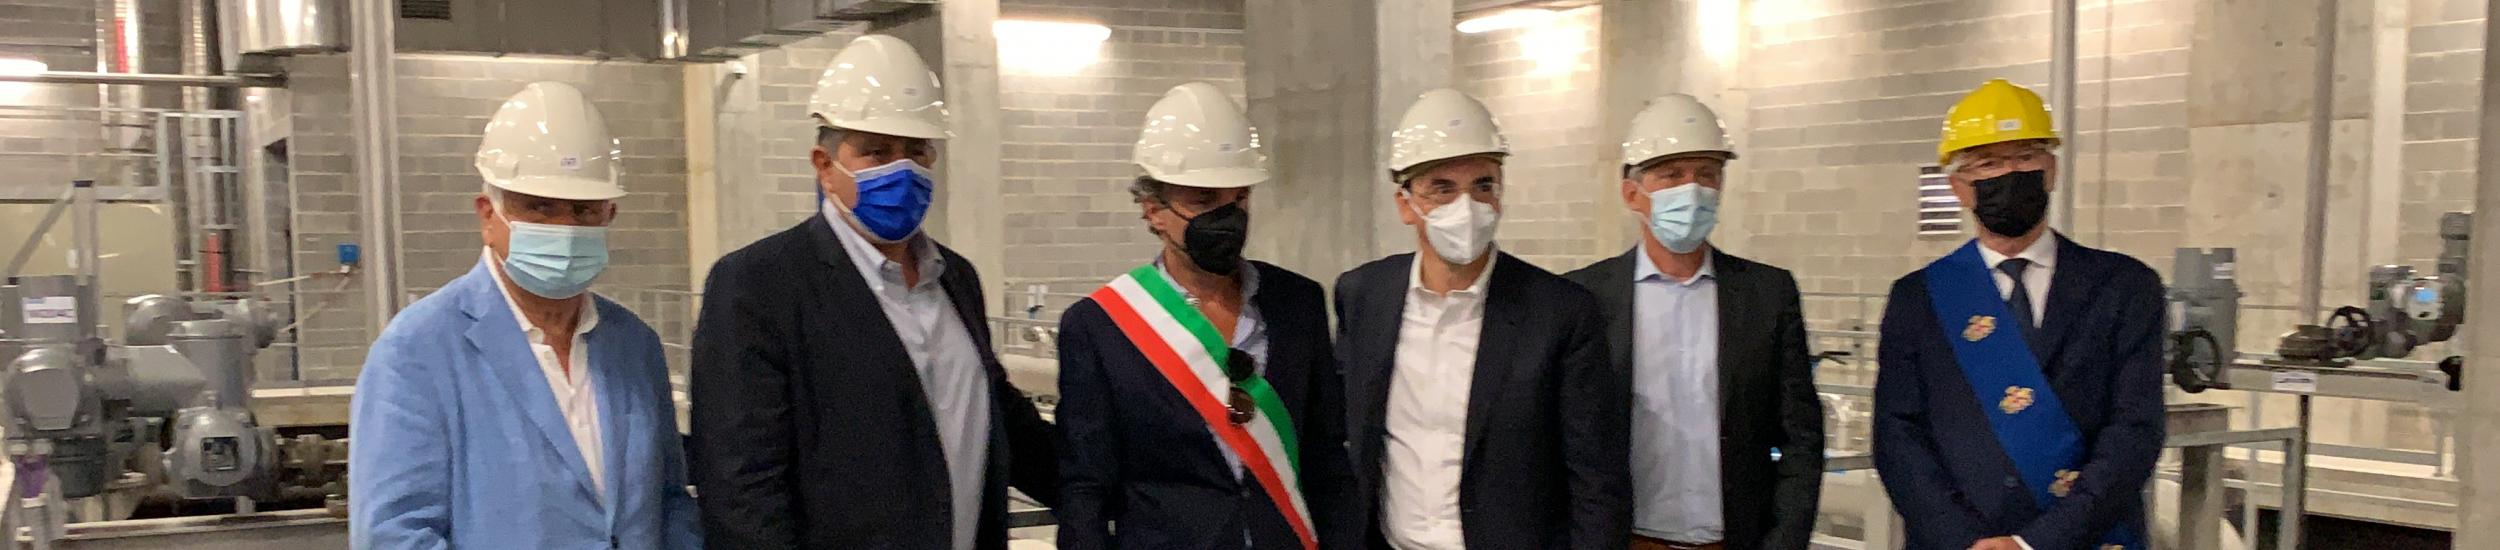 le autorità all'interno del depuratore di Rapallo